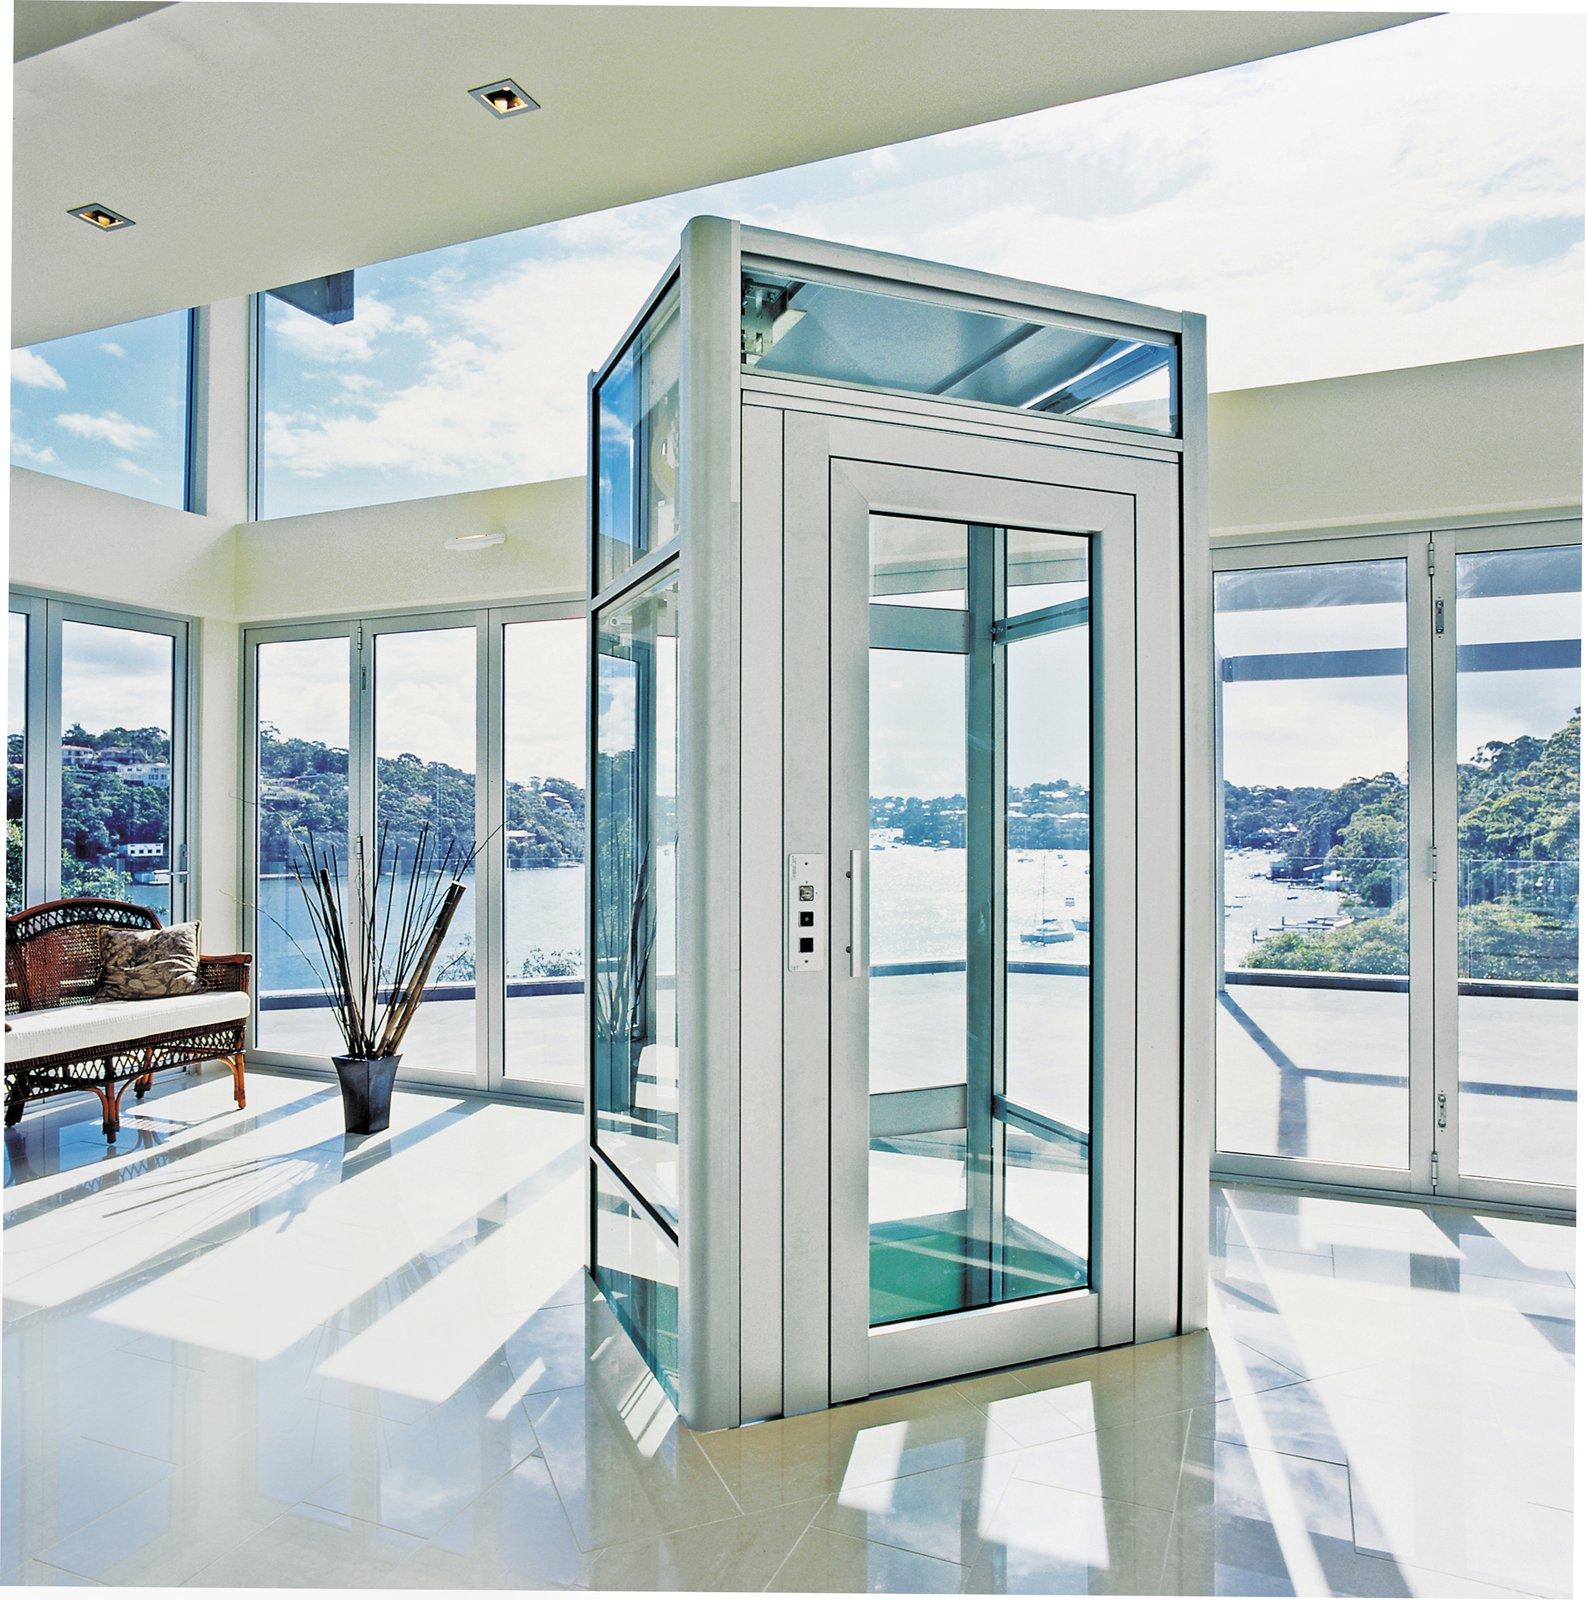 Costo Ascensore Interno 3 Piani ascensore interno per casa: scelta montascale o elevatore